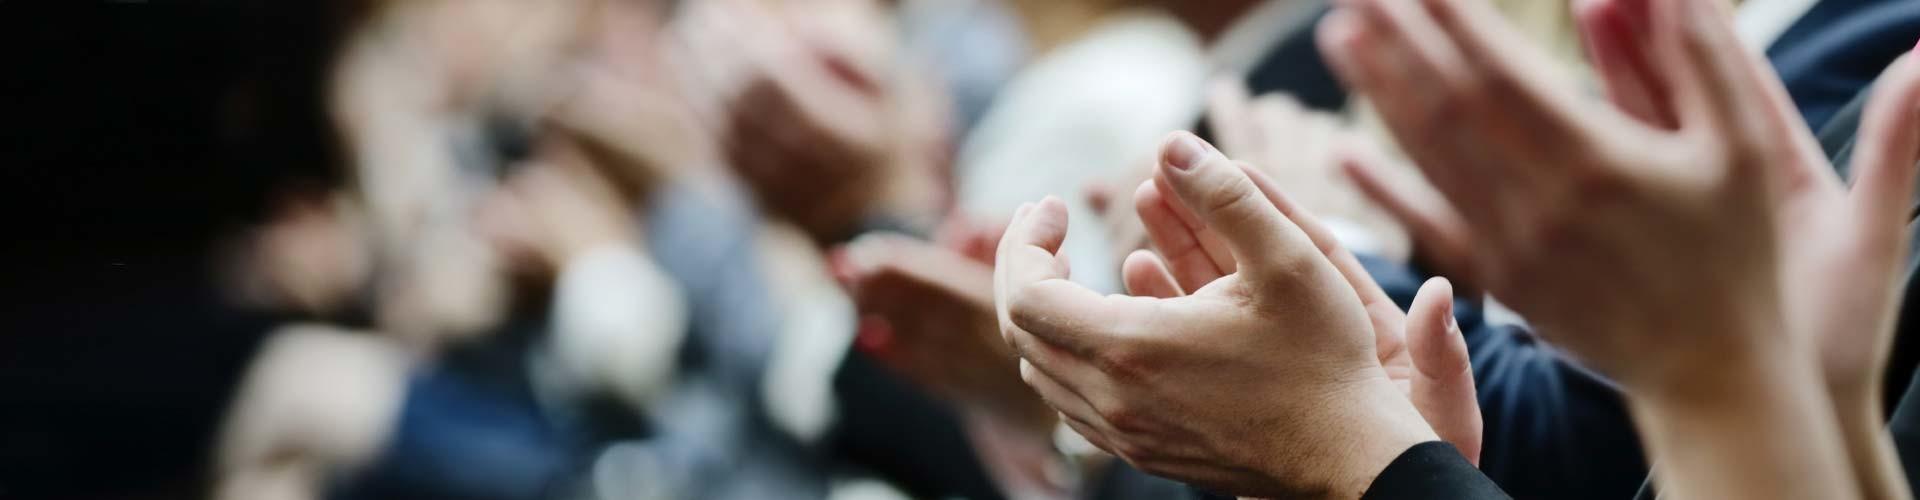 Eine Nahaufnahme von klatschenden Händen © Fotolia, Fotolia